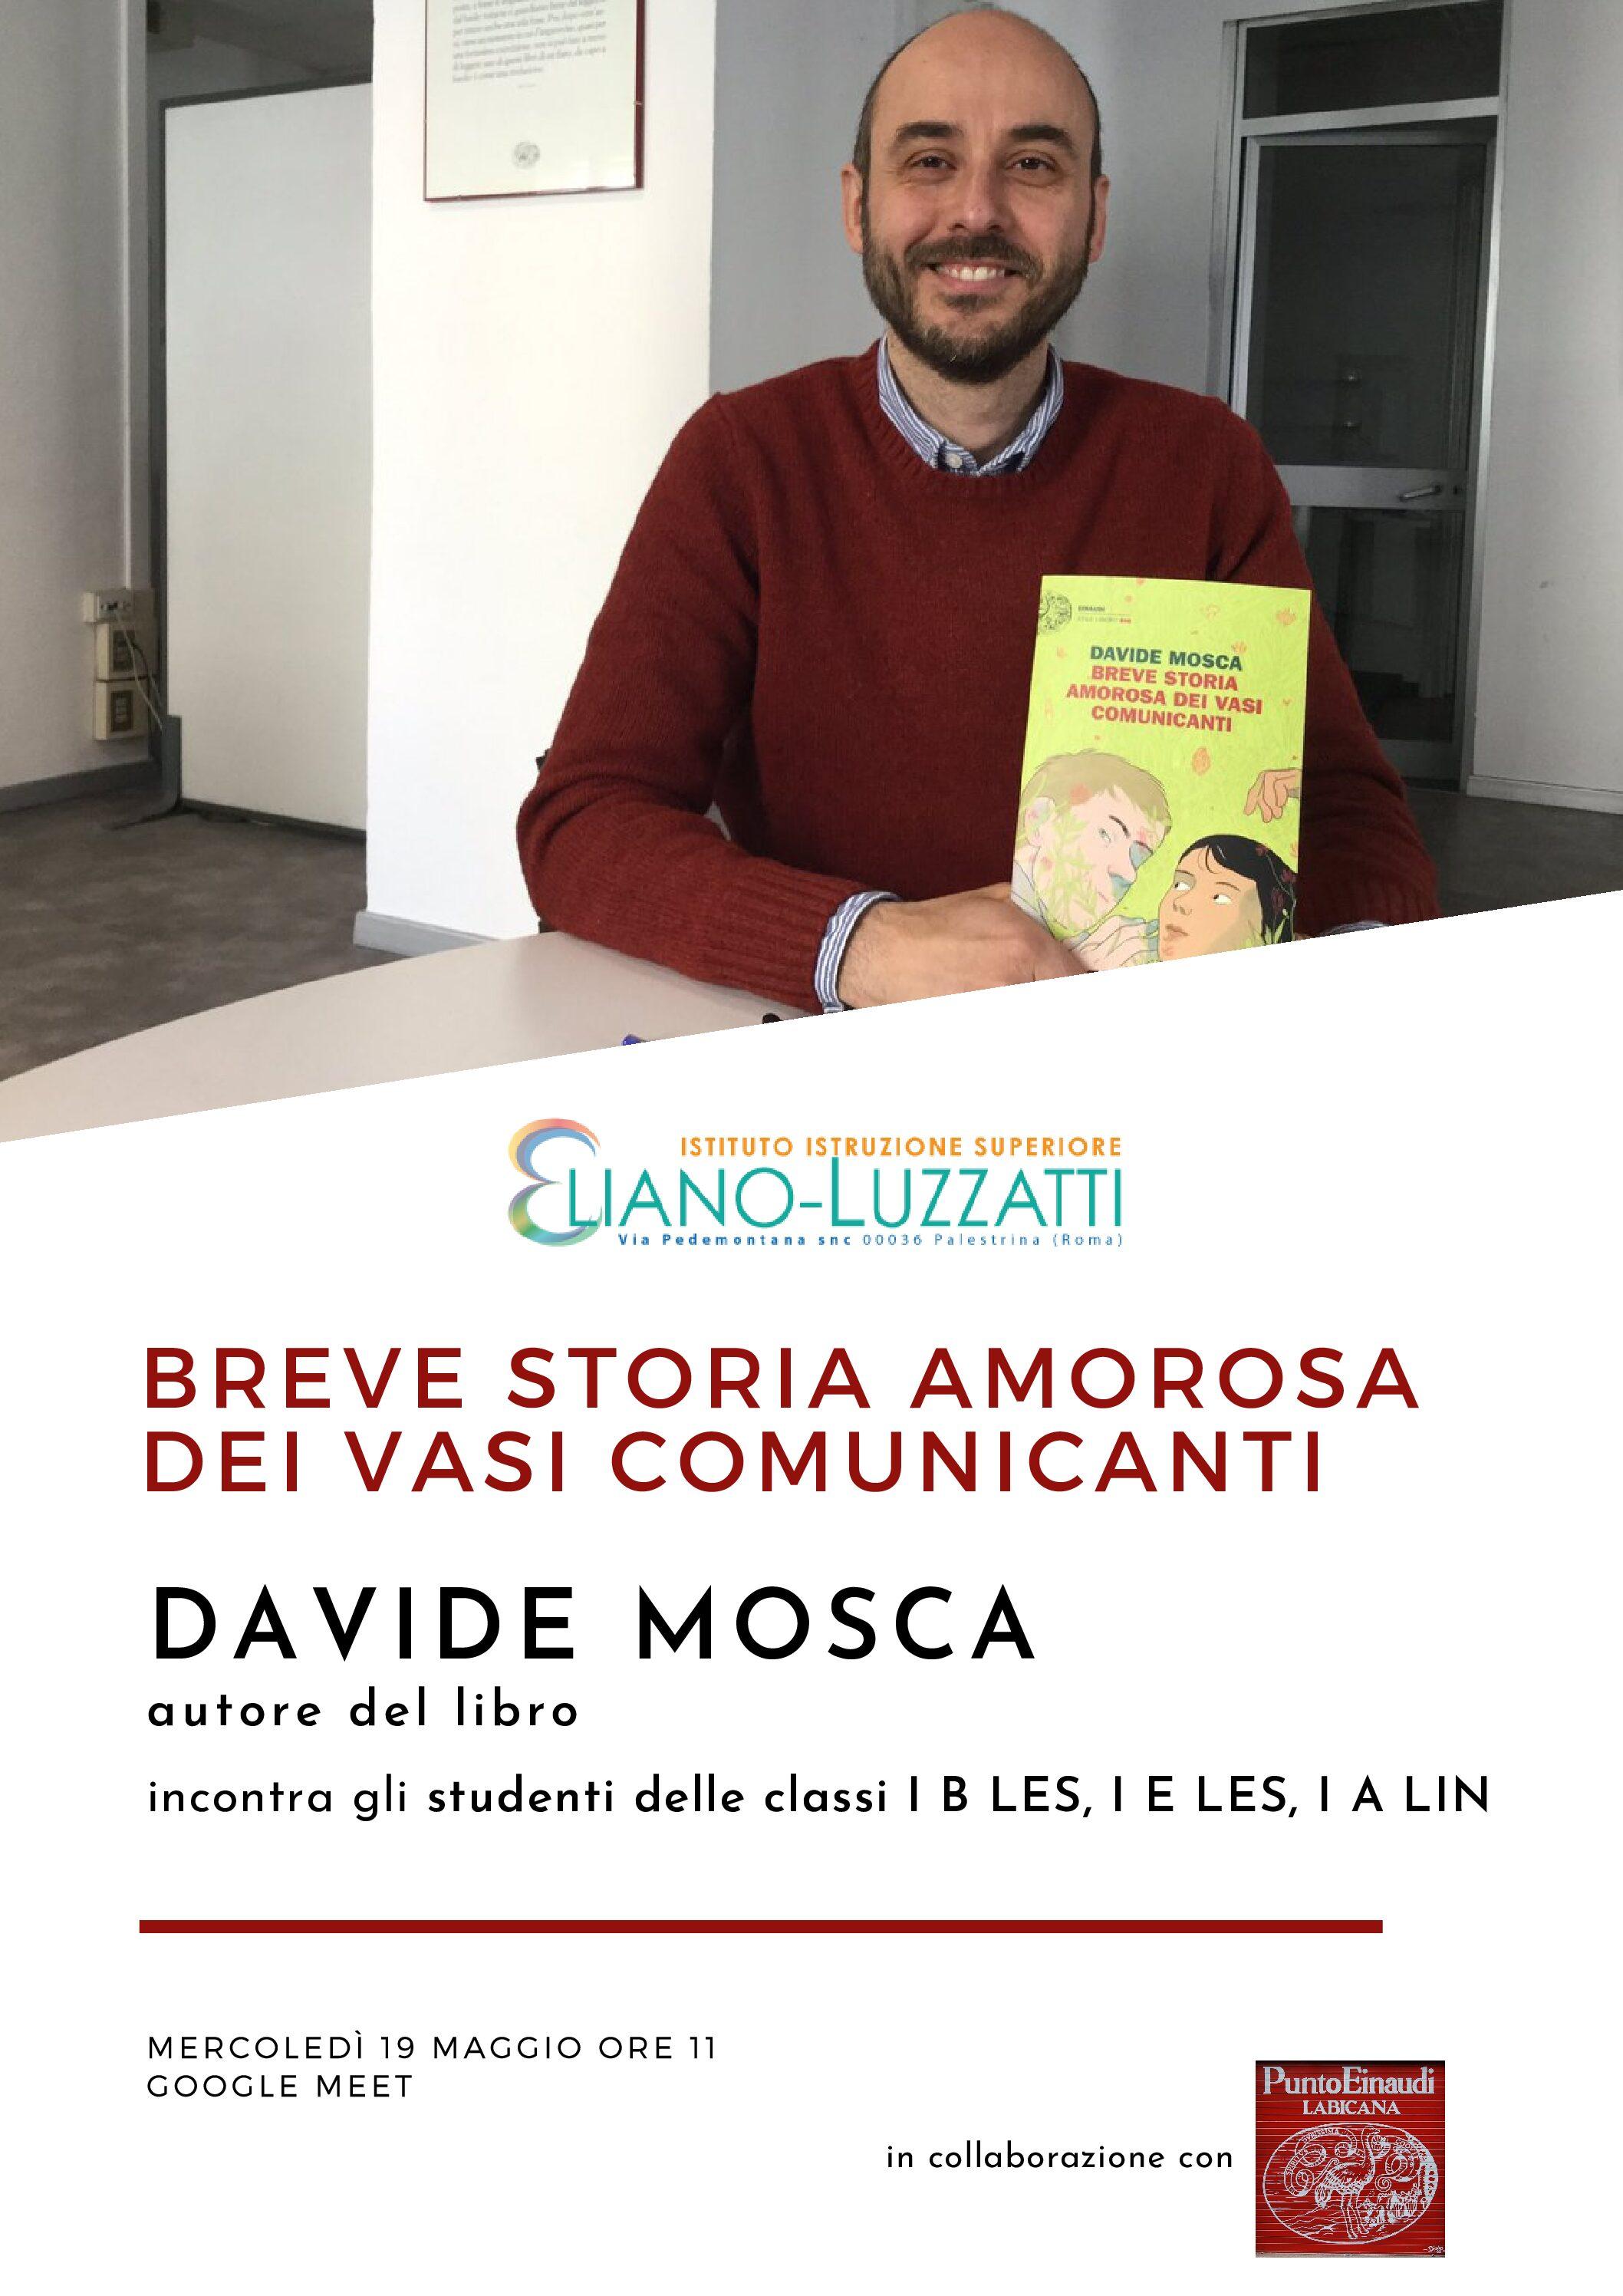 Davide Mosca in Breve storia amorosa dei vasi comunicanti